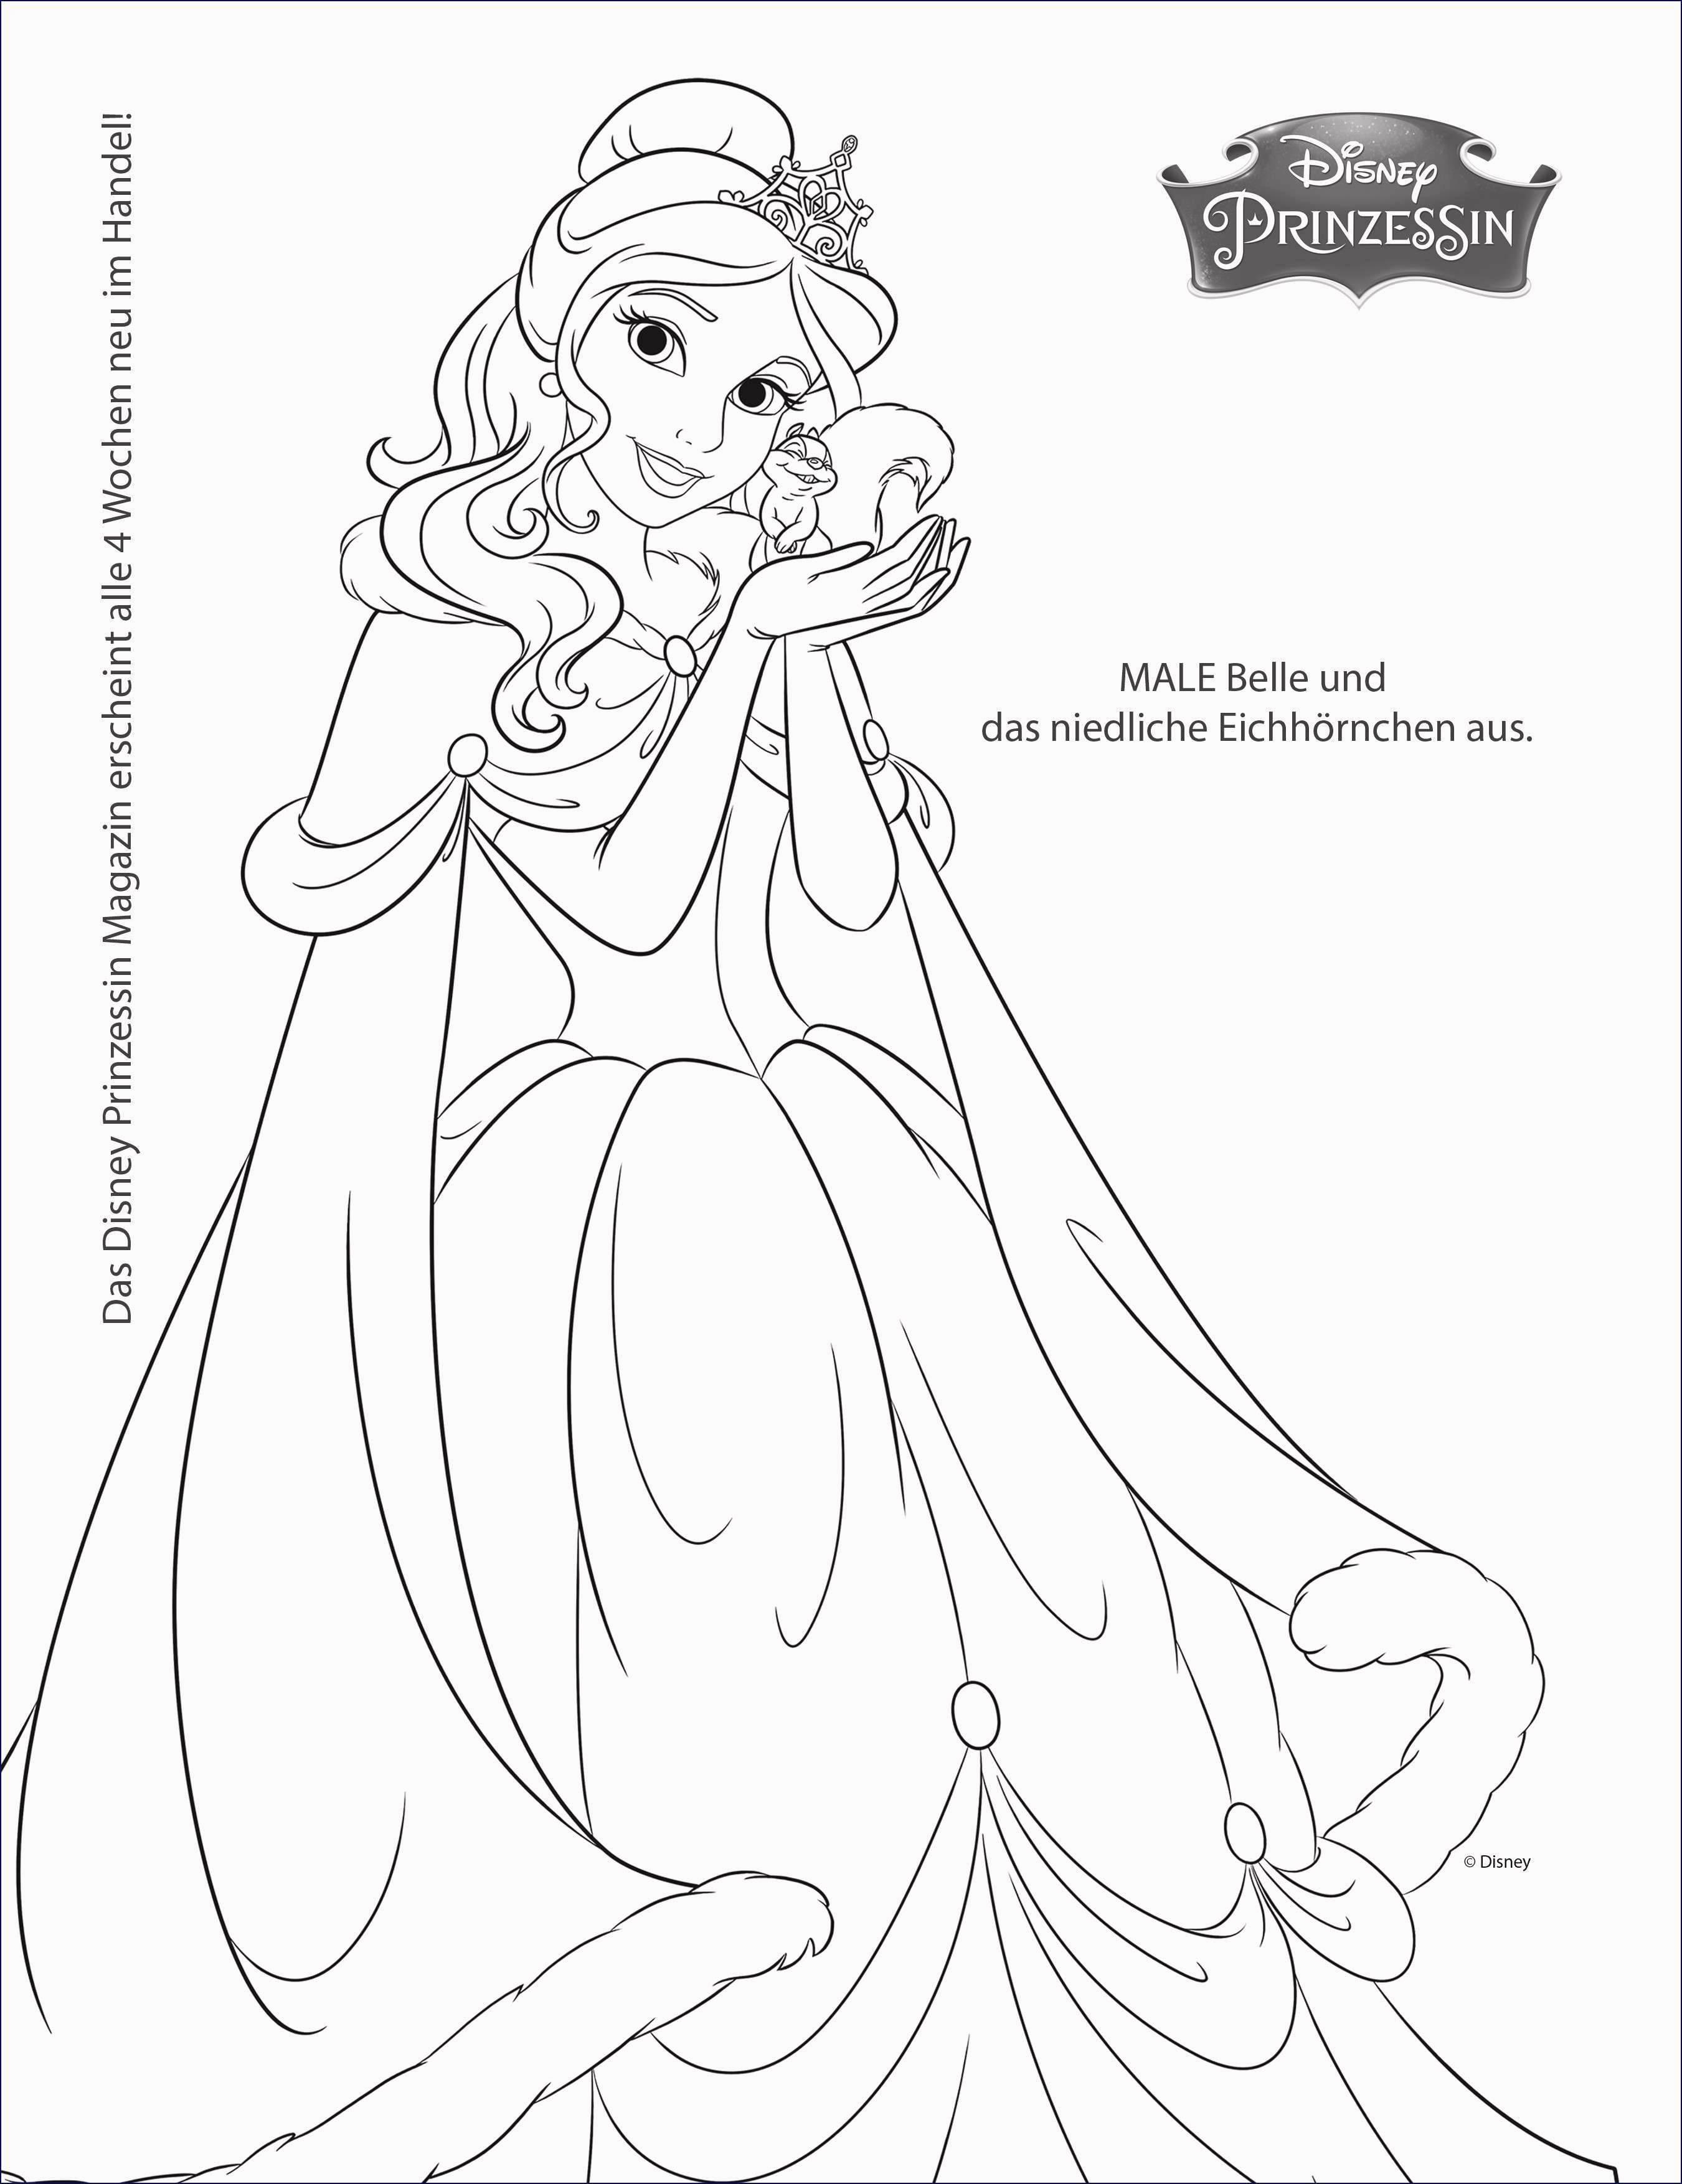 Ausmalbilder Prinzessin sofia Das Beste Von Prinz Zum Ausmalen Kreativität 38 Disney Prinzessin Nkde Stock